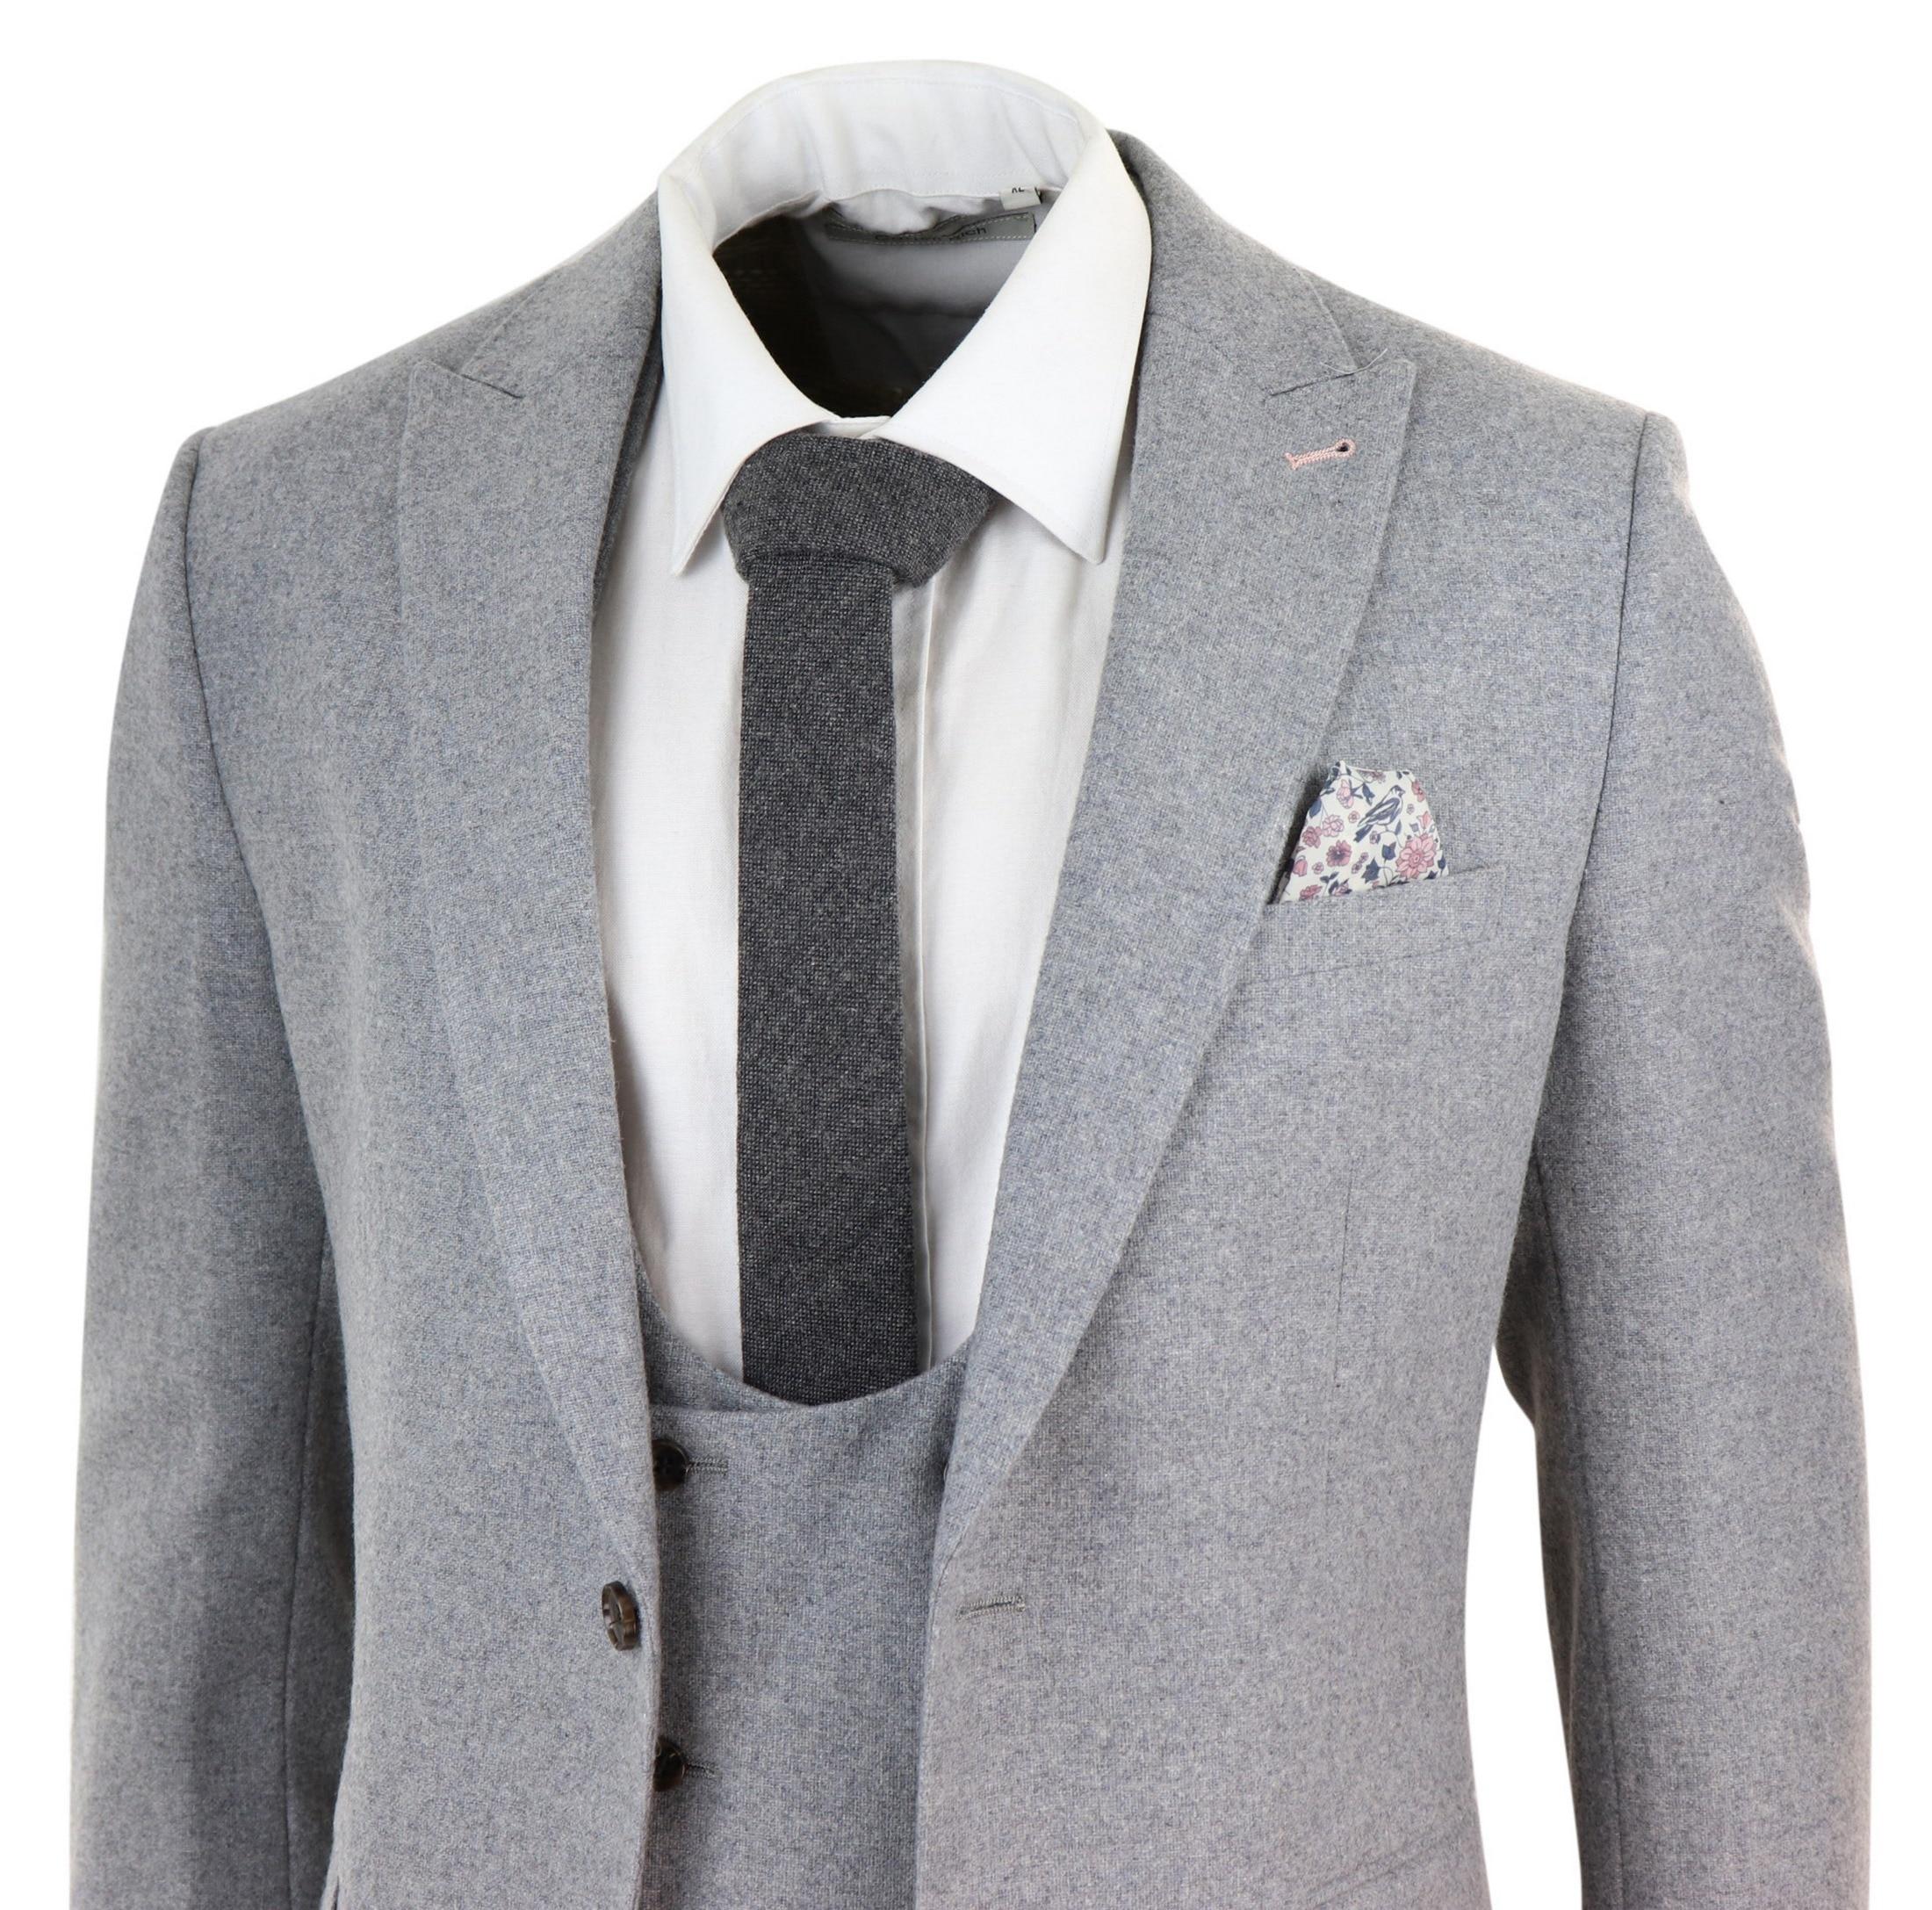 Trajes de hombre de mezcla de lana gris 2020 traje de esmoquin de boda de diseñador de solapa con pico de tres piezas para el novio